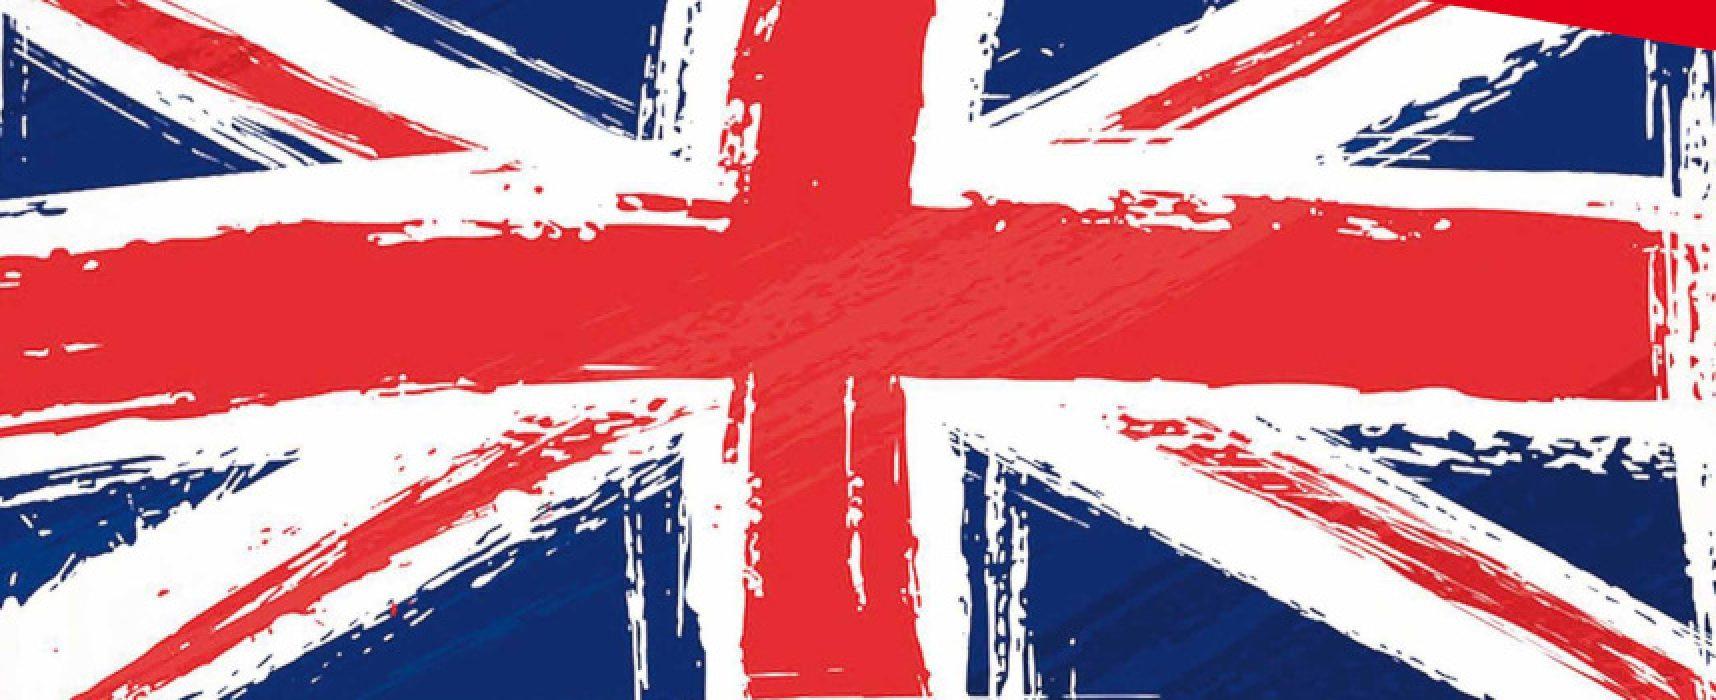 Duc organizza corso gratuito di inglese per commercio, mondo del lavoro e turismo